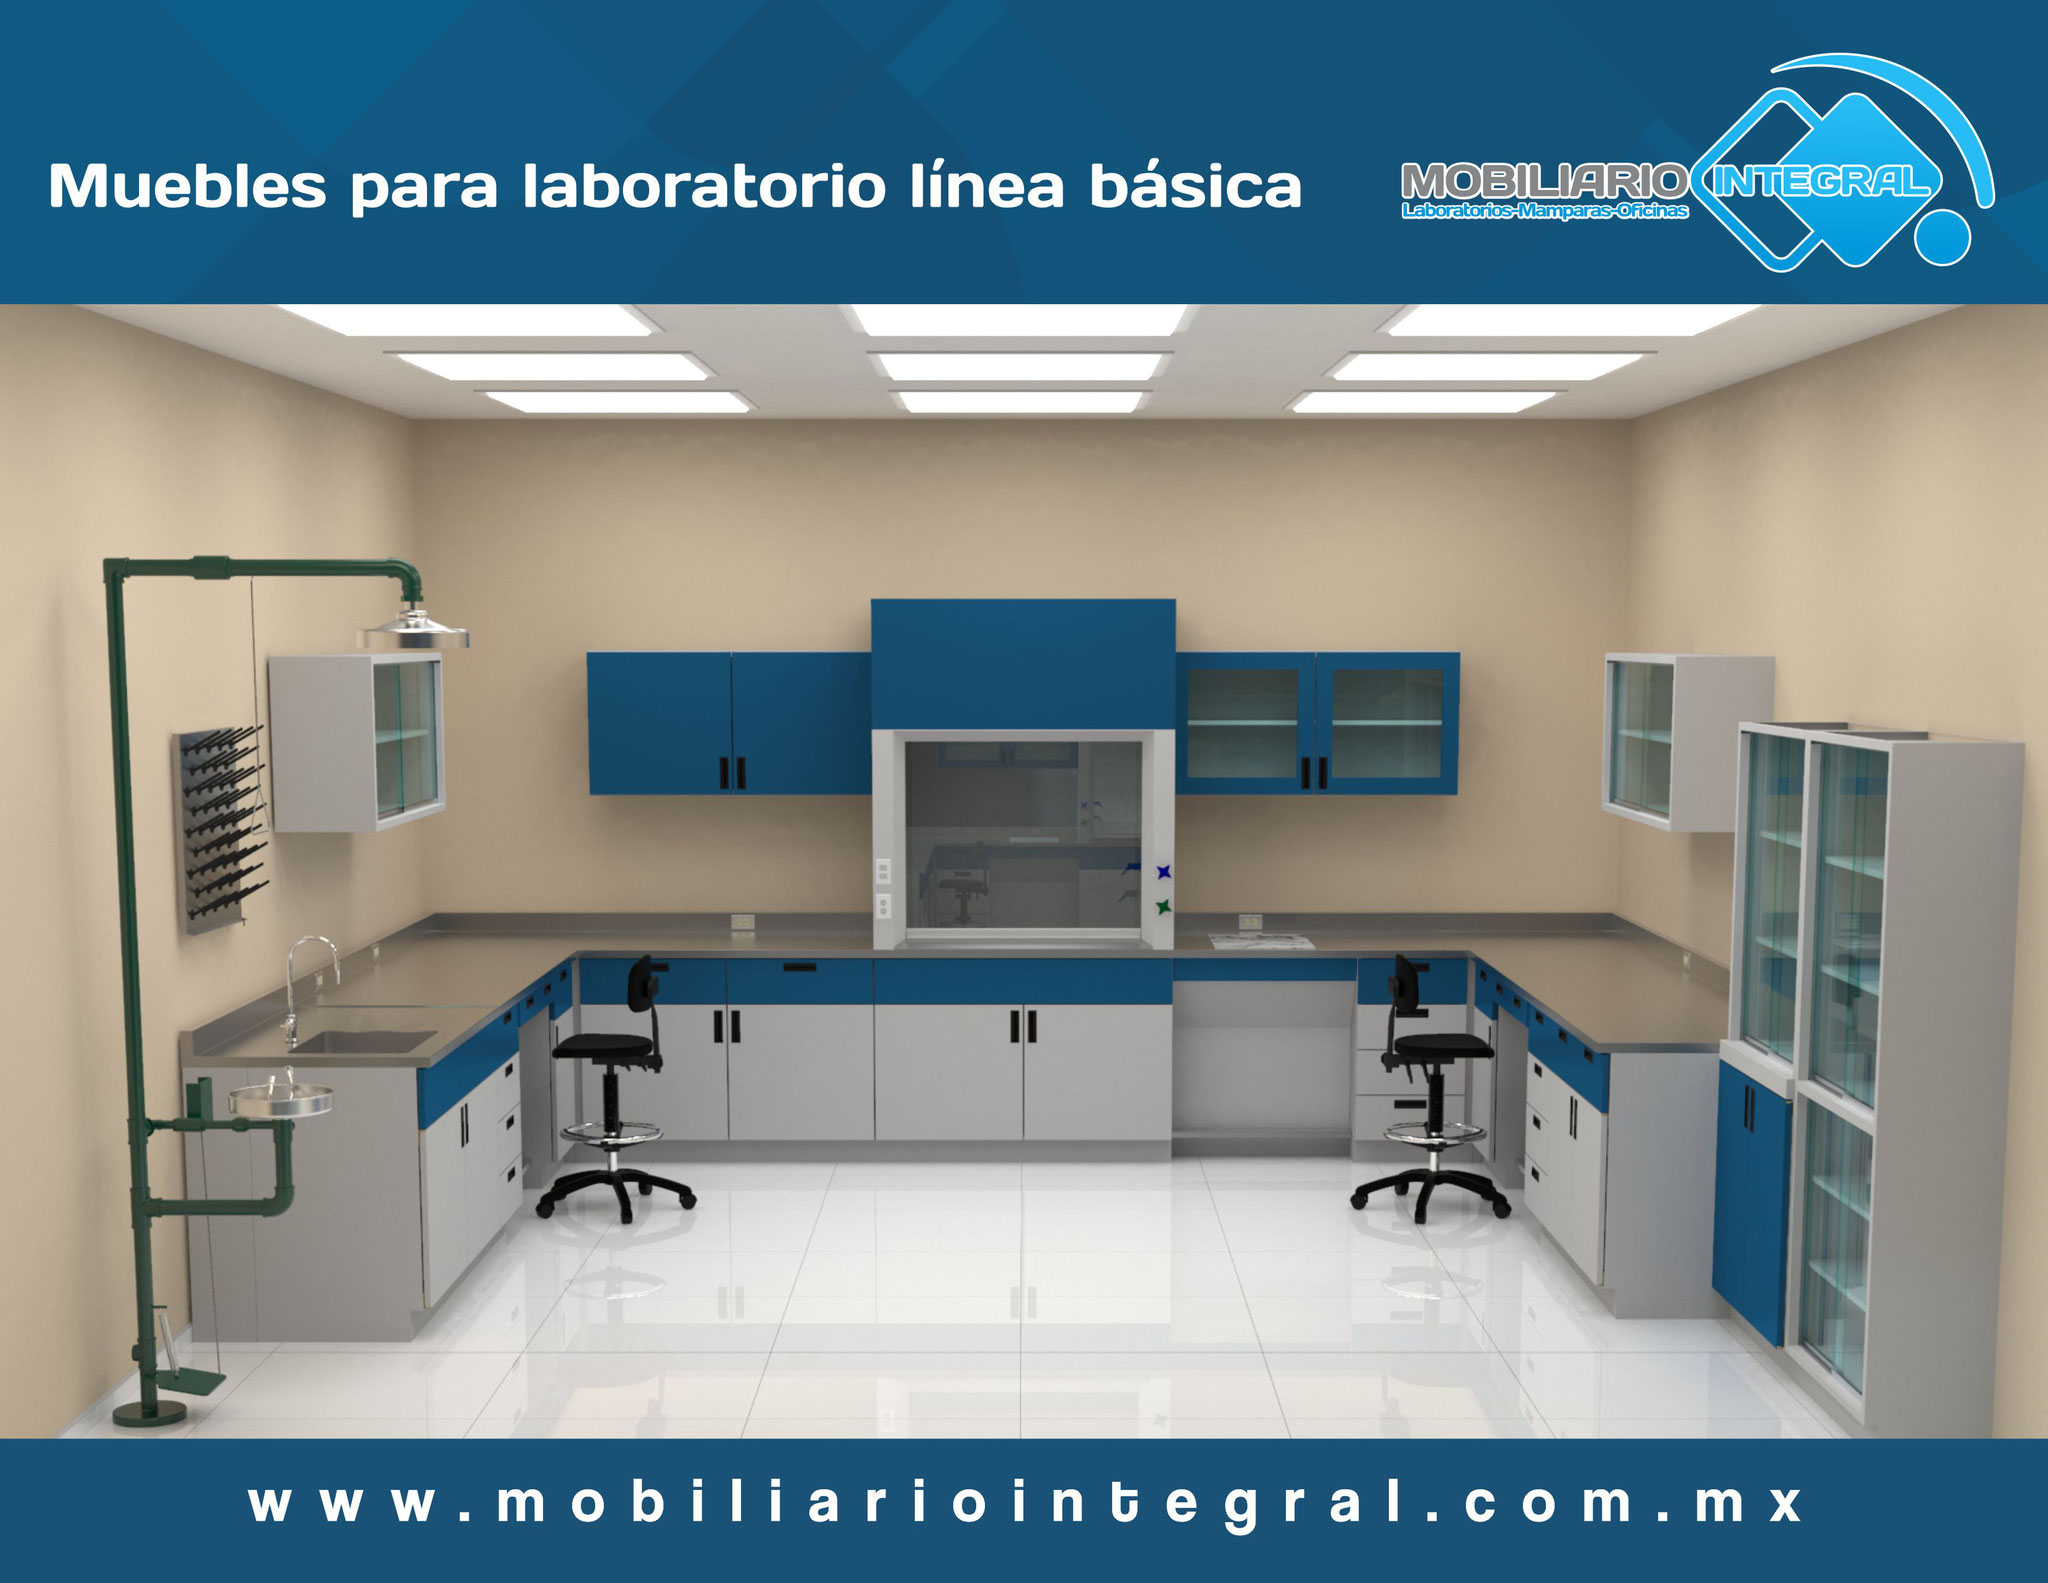 Muebles para laboratorio en Mazatlán